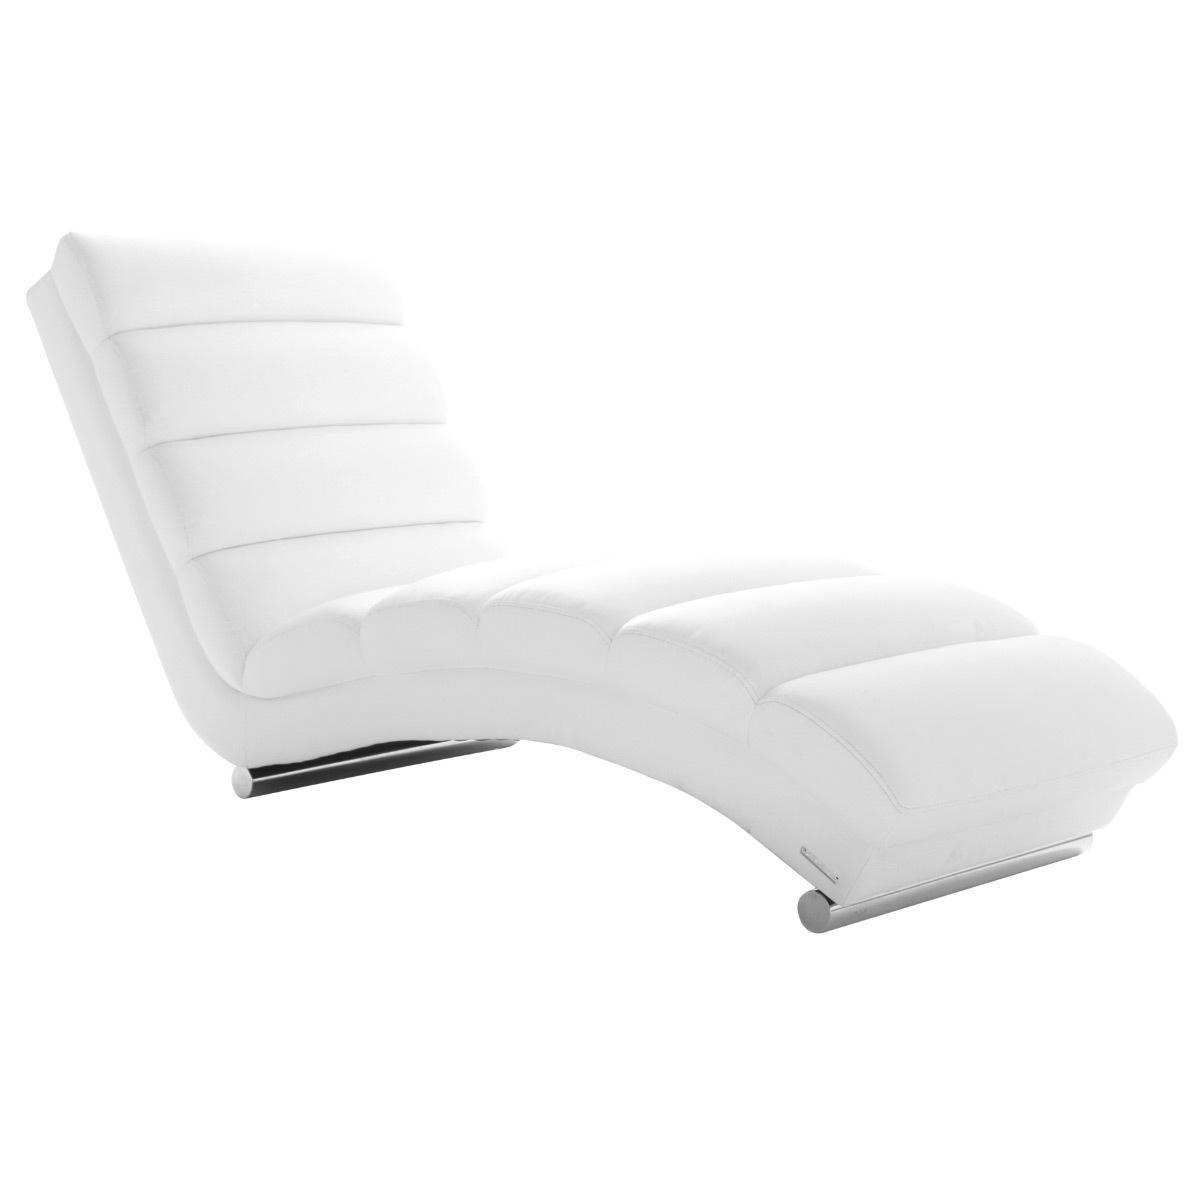 Miliboo Chaise longue / fauteuil design blanc TAYLOR